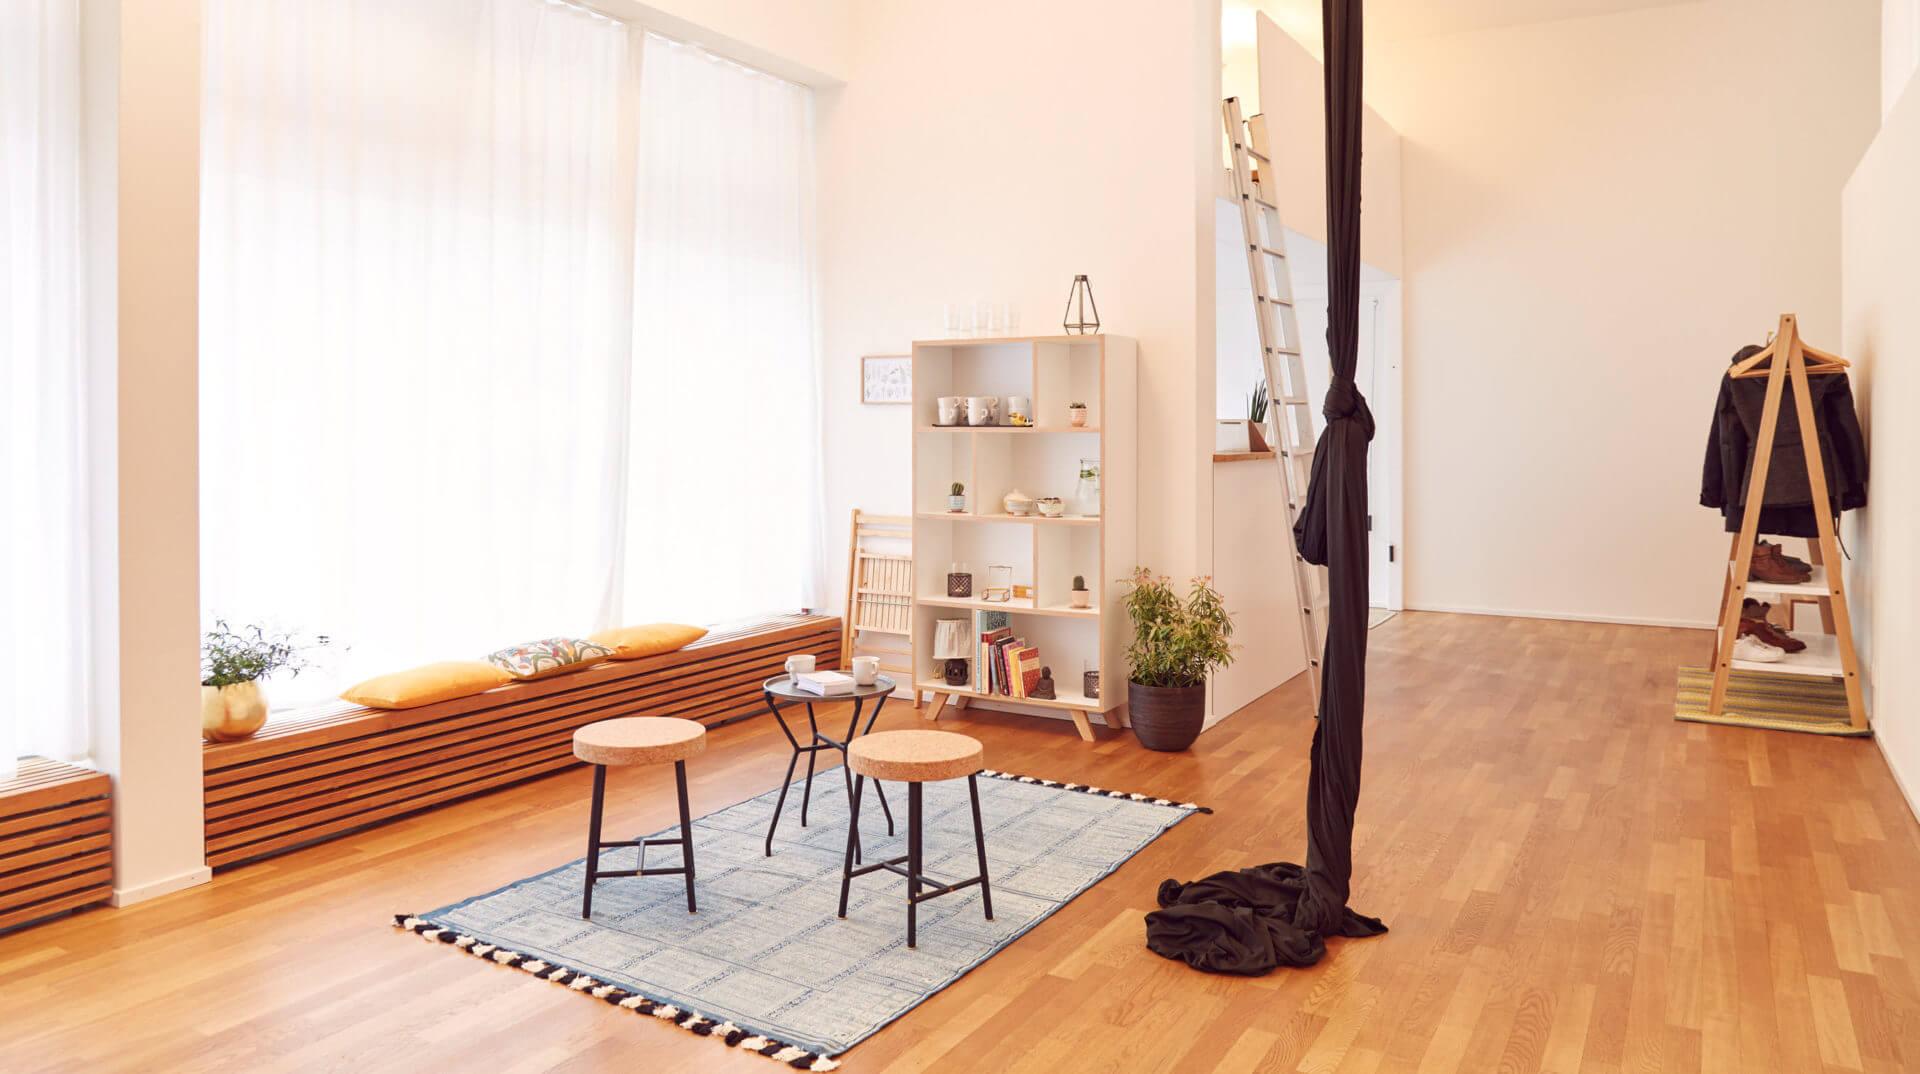 Bild vom STUDIO FAYO Eingangsbereich